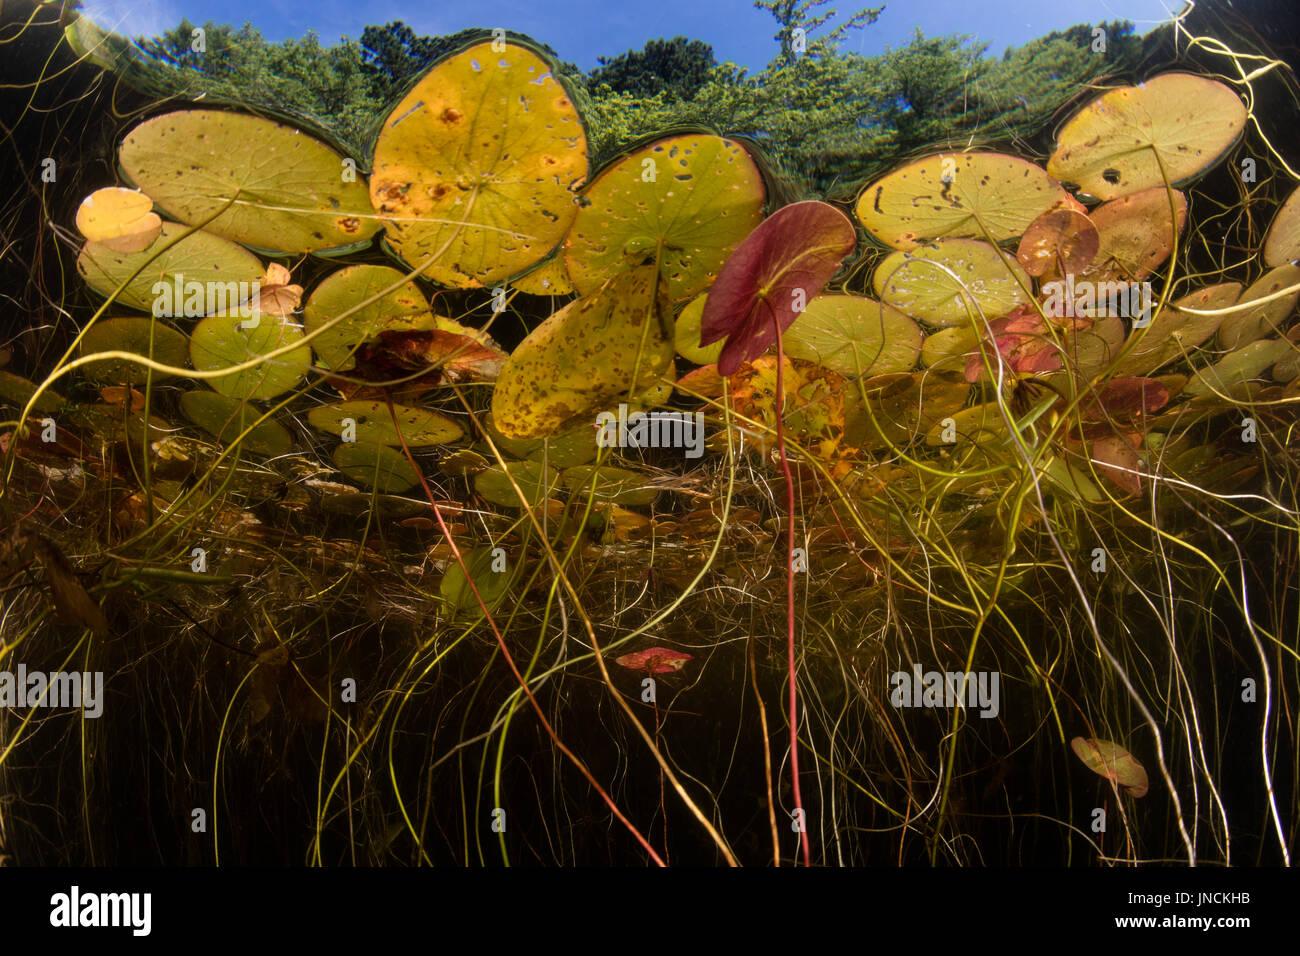 Nénuphars poussent au bord d'un étang d'eau douce à Cape Cod, Massachusetts. Cette belle île de la Nouvelle Angleterre a de nombreux lacs et étangs électrique. Photo Stock